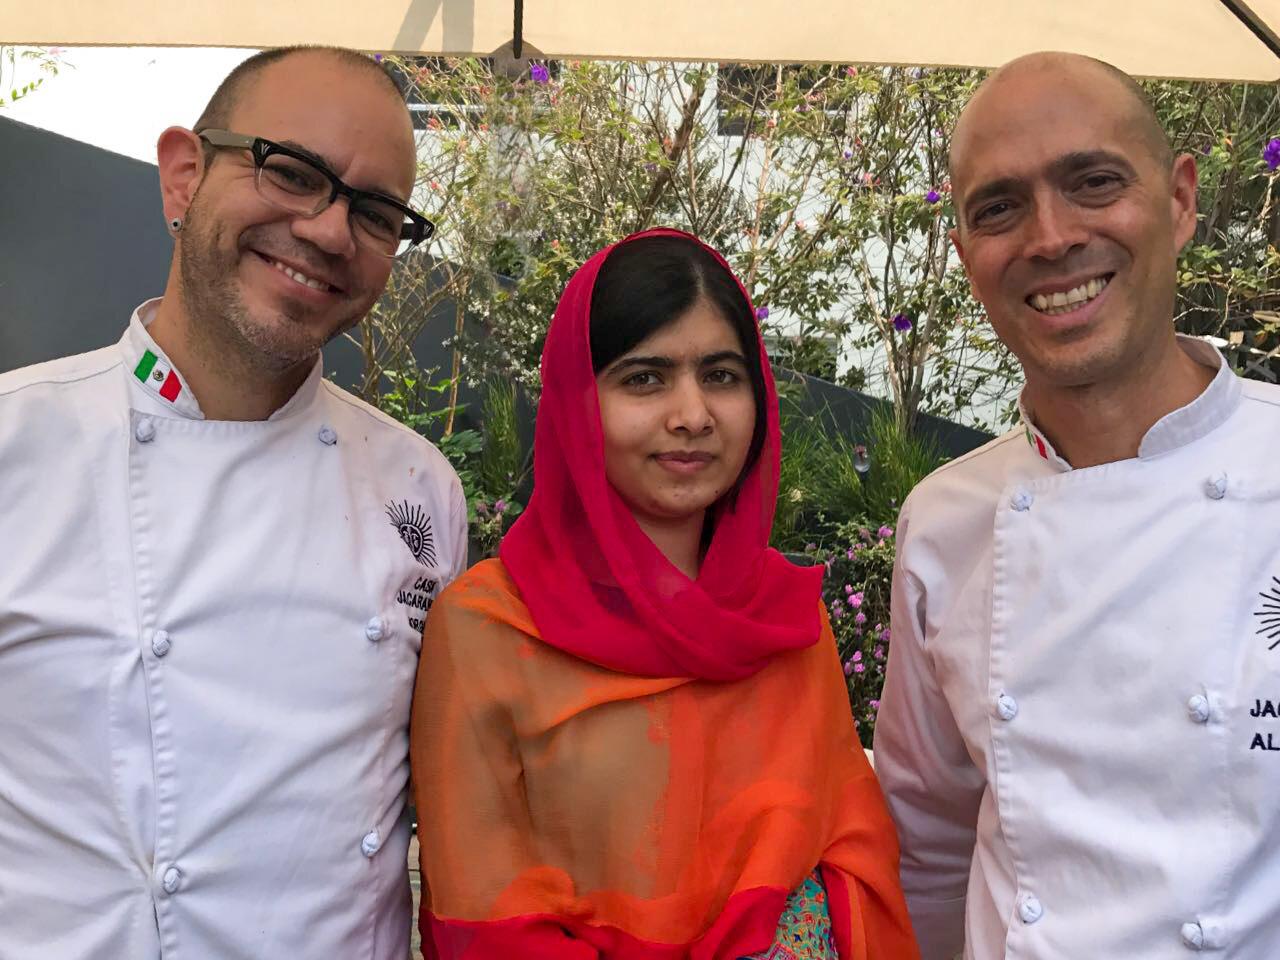 Malala Youzafsai at Casa Jacaranda in Mexico City.